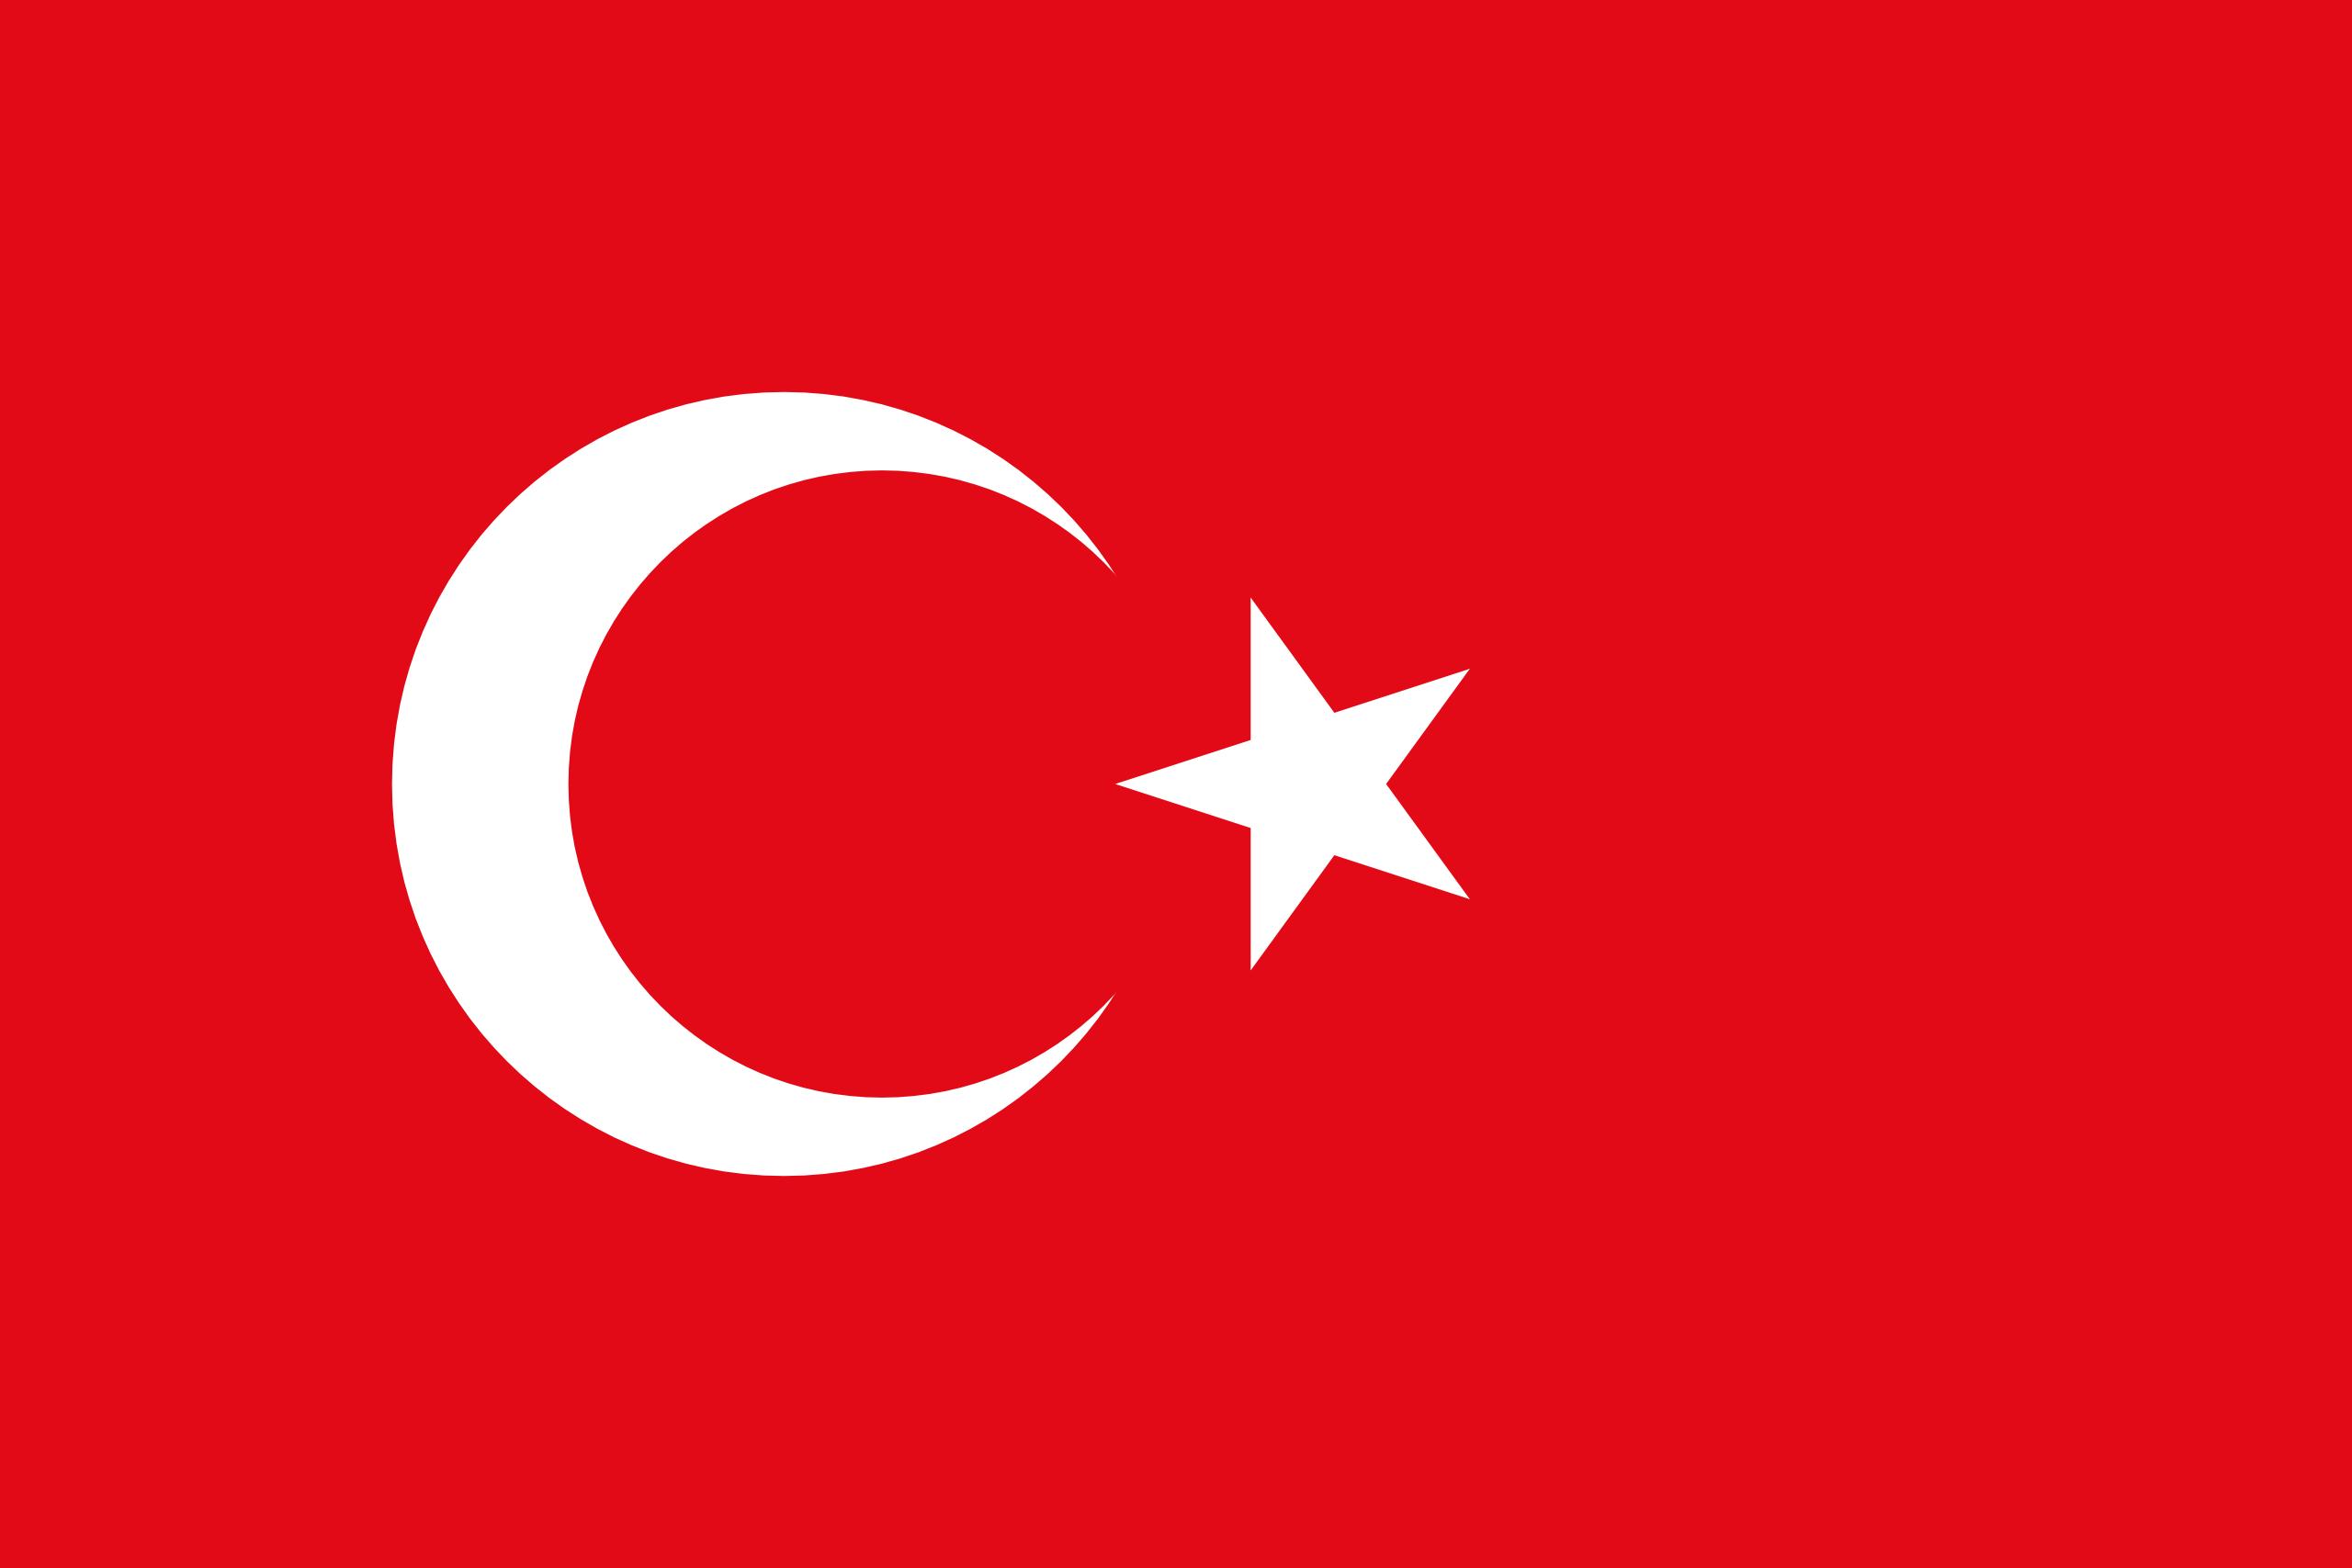 Turquia, país, Brasão de armas, logotipo, símbolo - Papéis de parede HD - Professor-falken.com